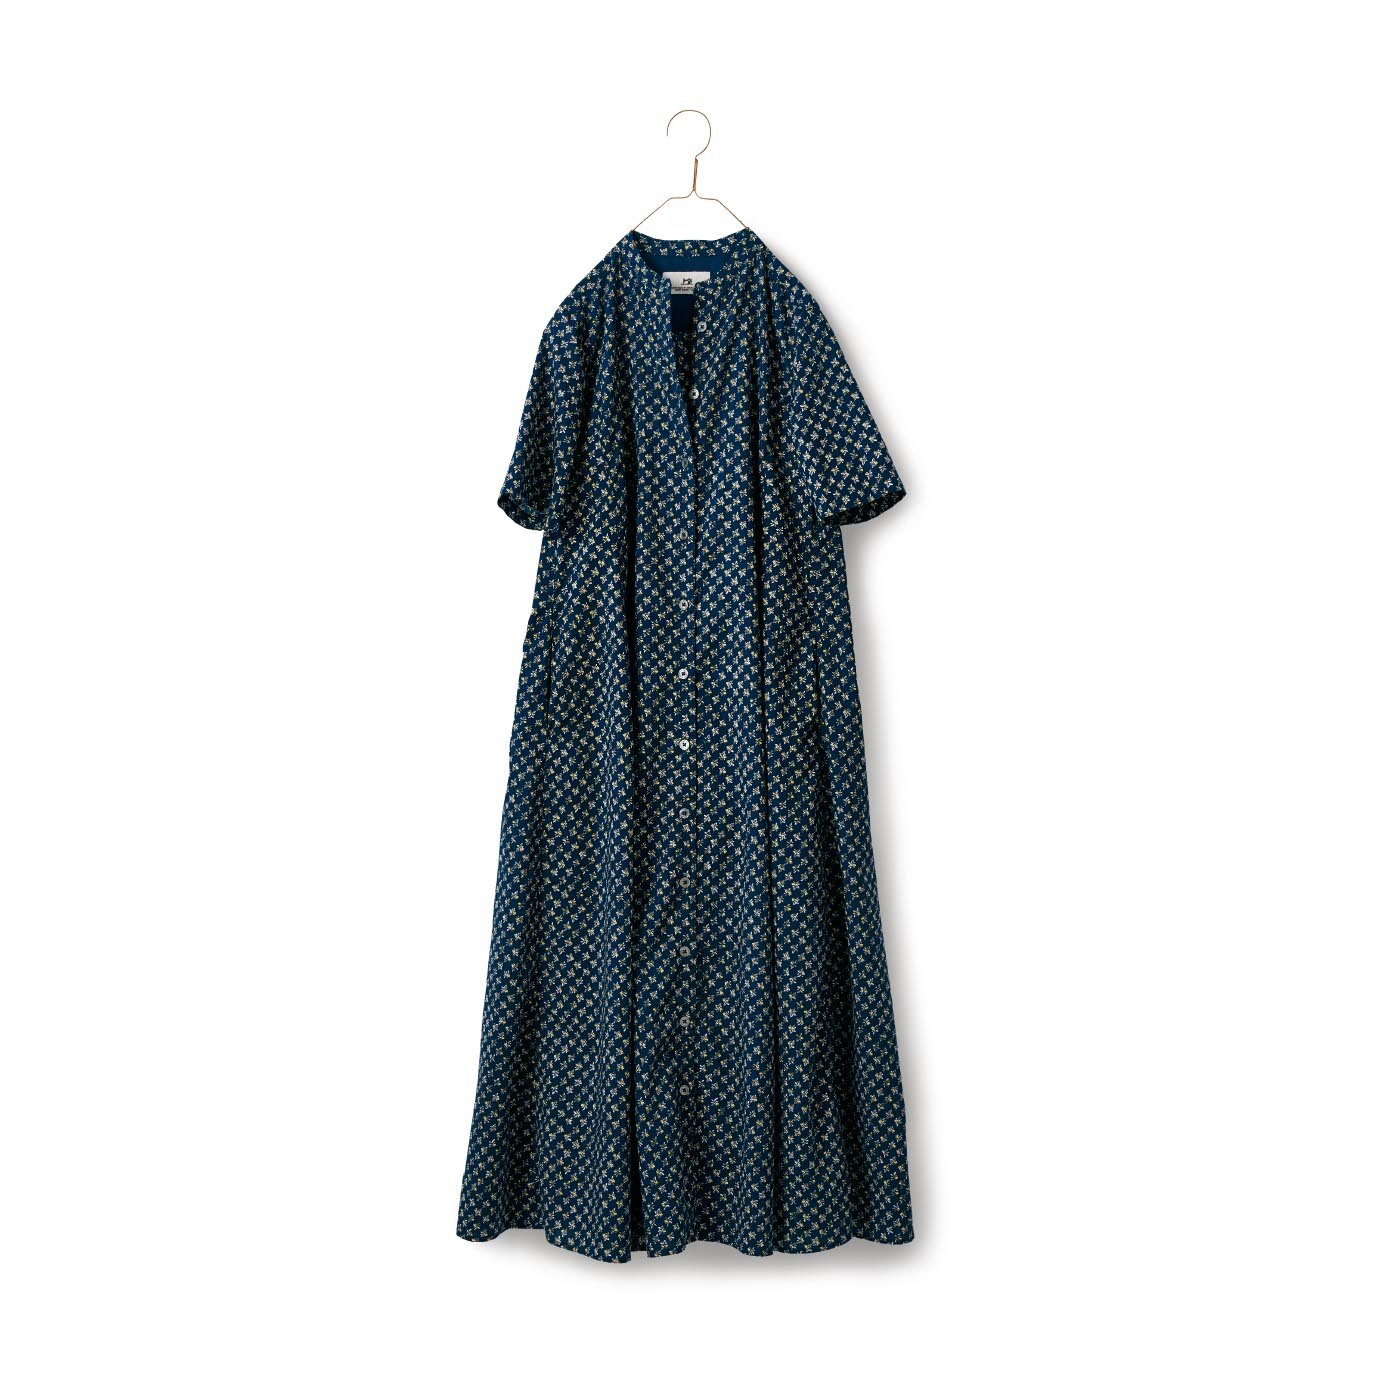 サニークラウズ 檸檬小紋ワンピース〈レディース〉紺